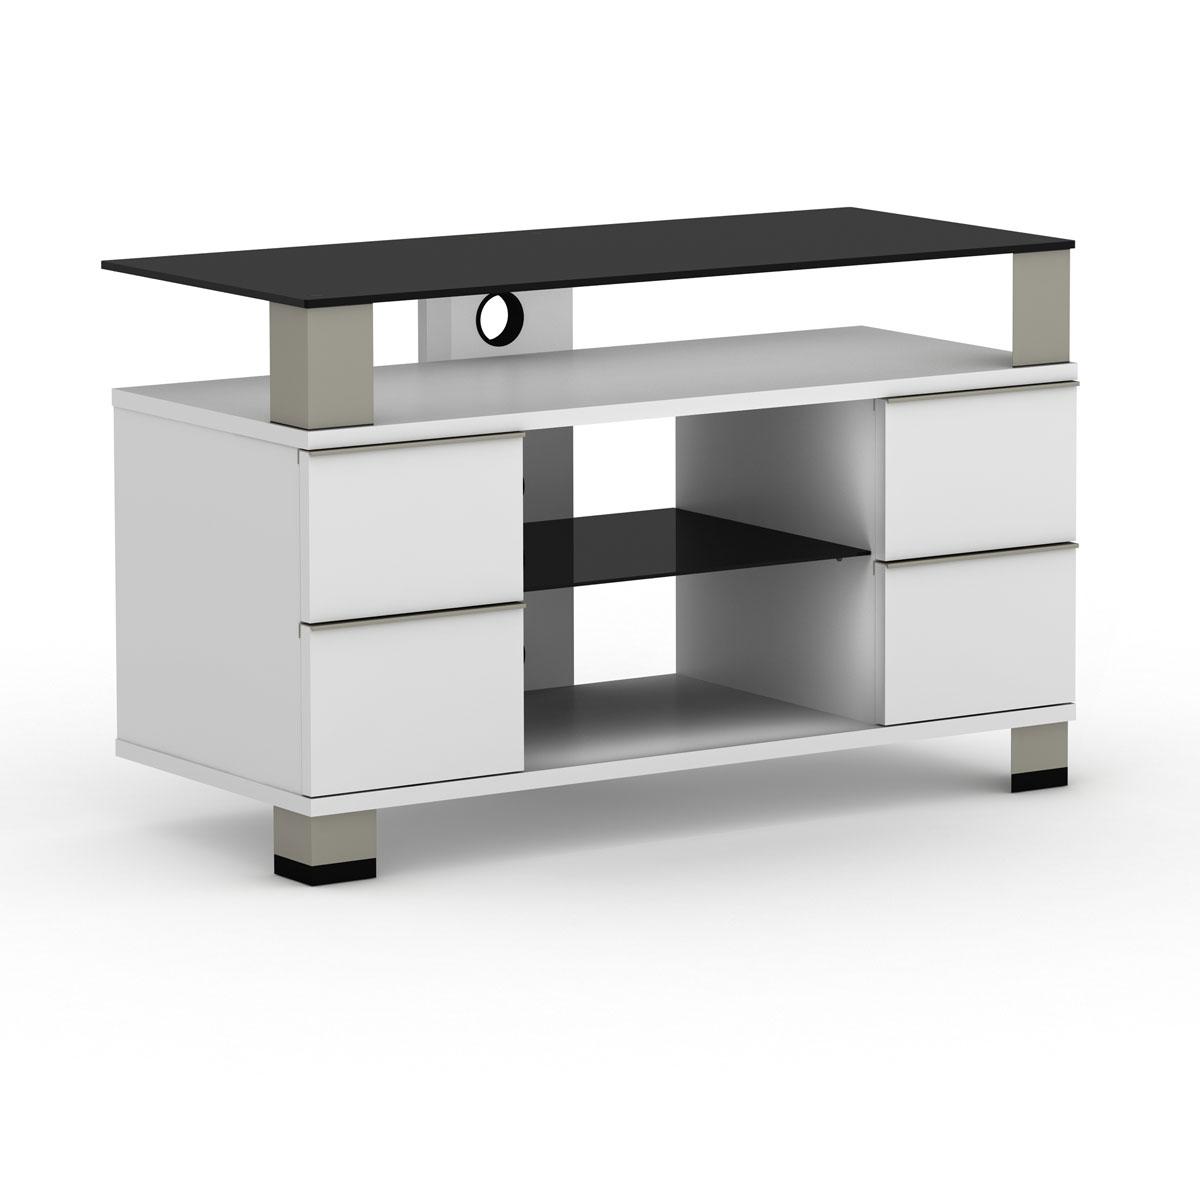 Elmob pone pn 095 01 blanc meuble tv elmob sur ldlc - Meuble pour ecran plat ...